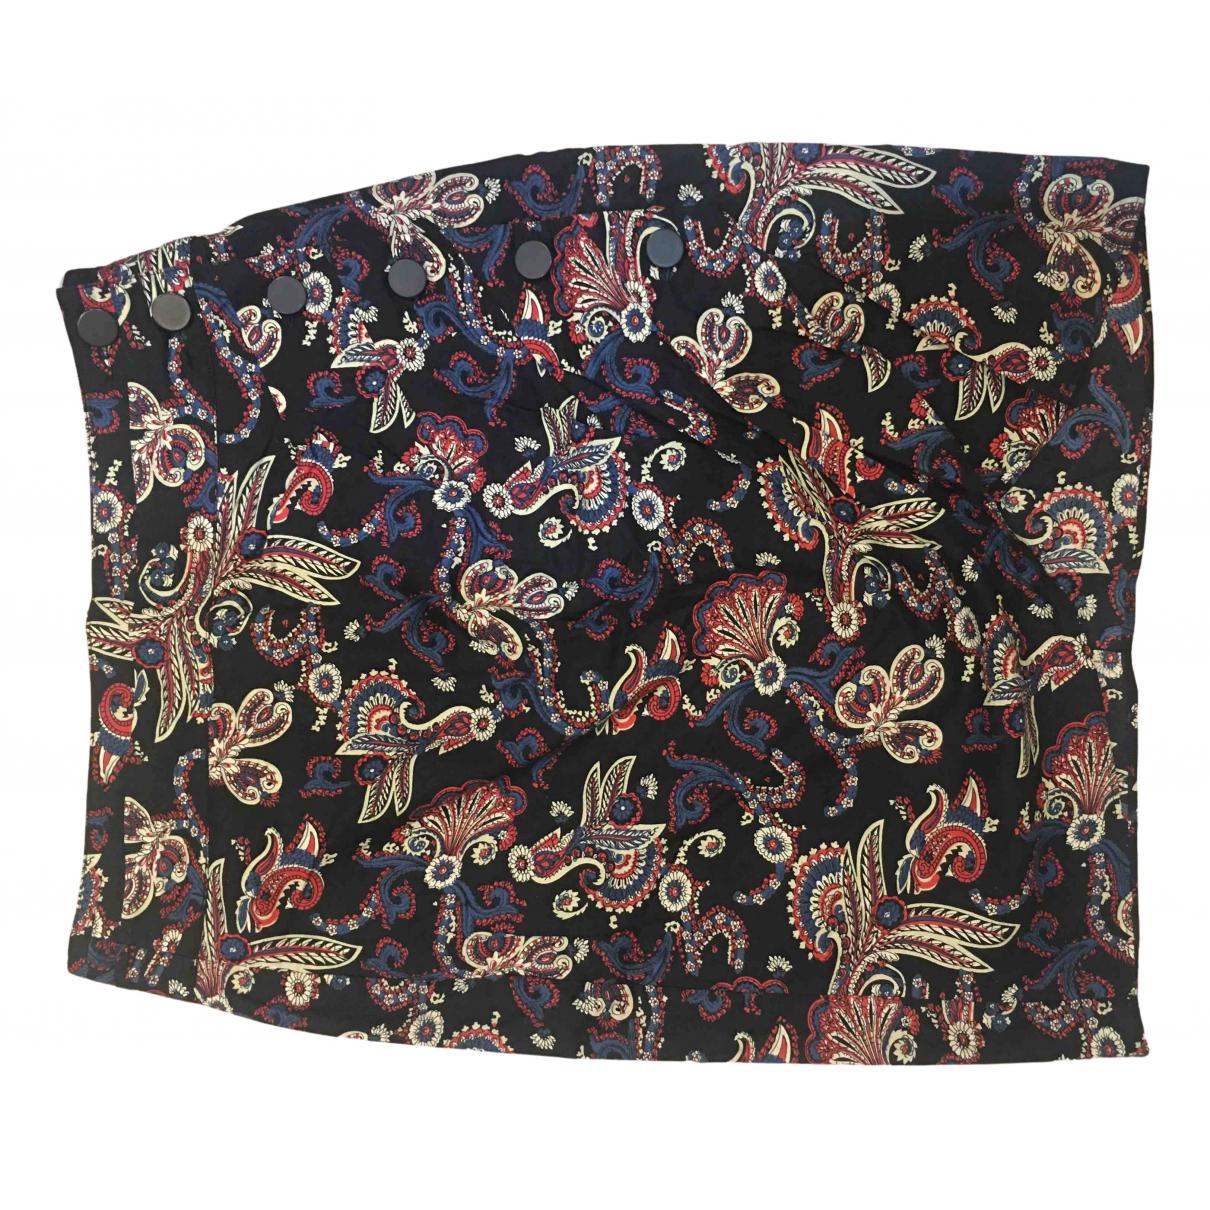 Mini falda Spring Summer 2020 Ba&sh